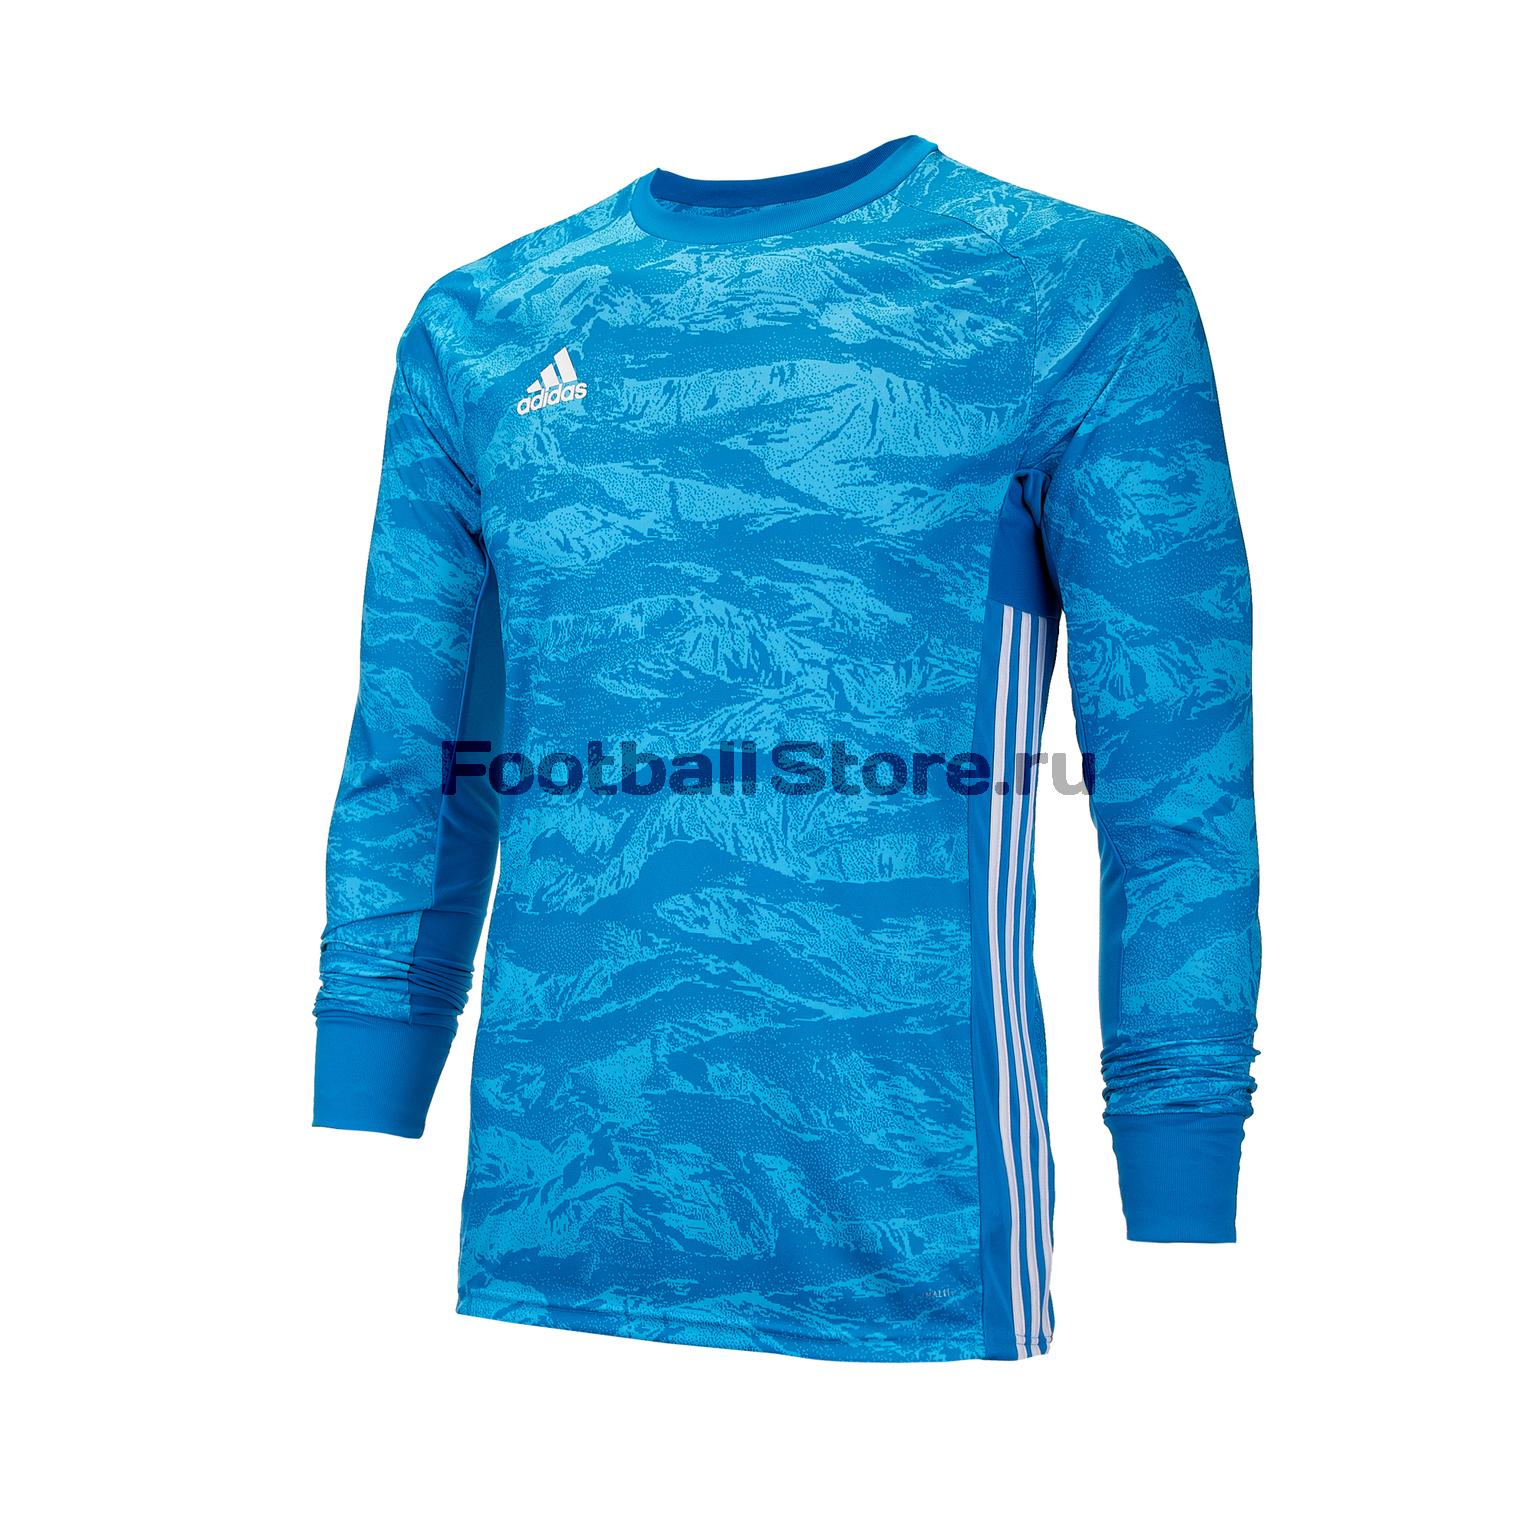 Свитер вратарский Adidas Adipro 19 GK DP3139 свитера adidas свитер вратарский adidas adipro 18 gk l cv6349